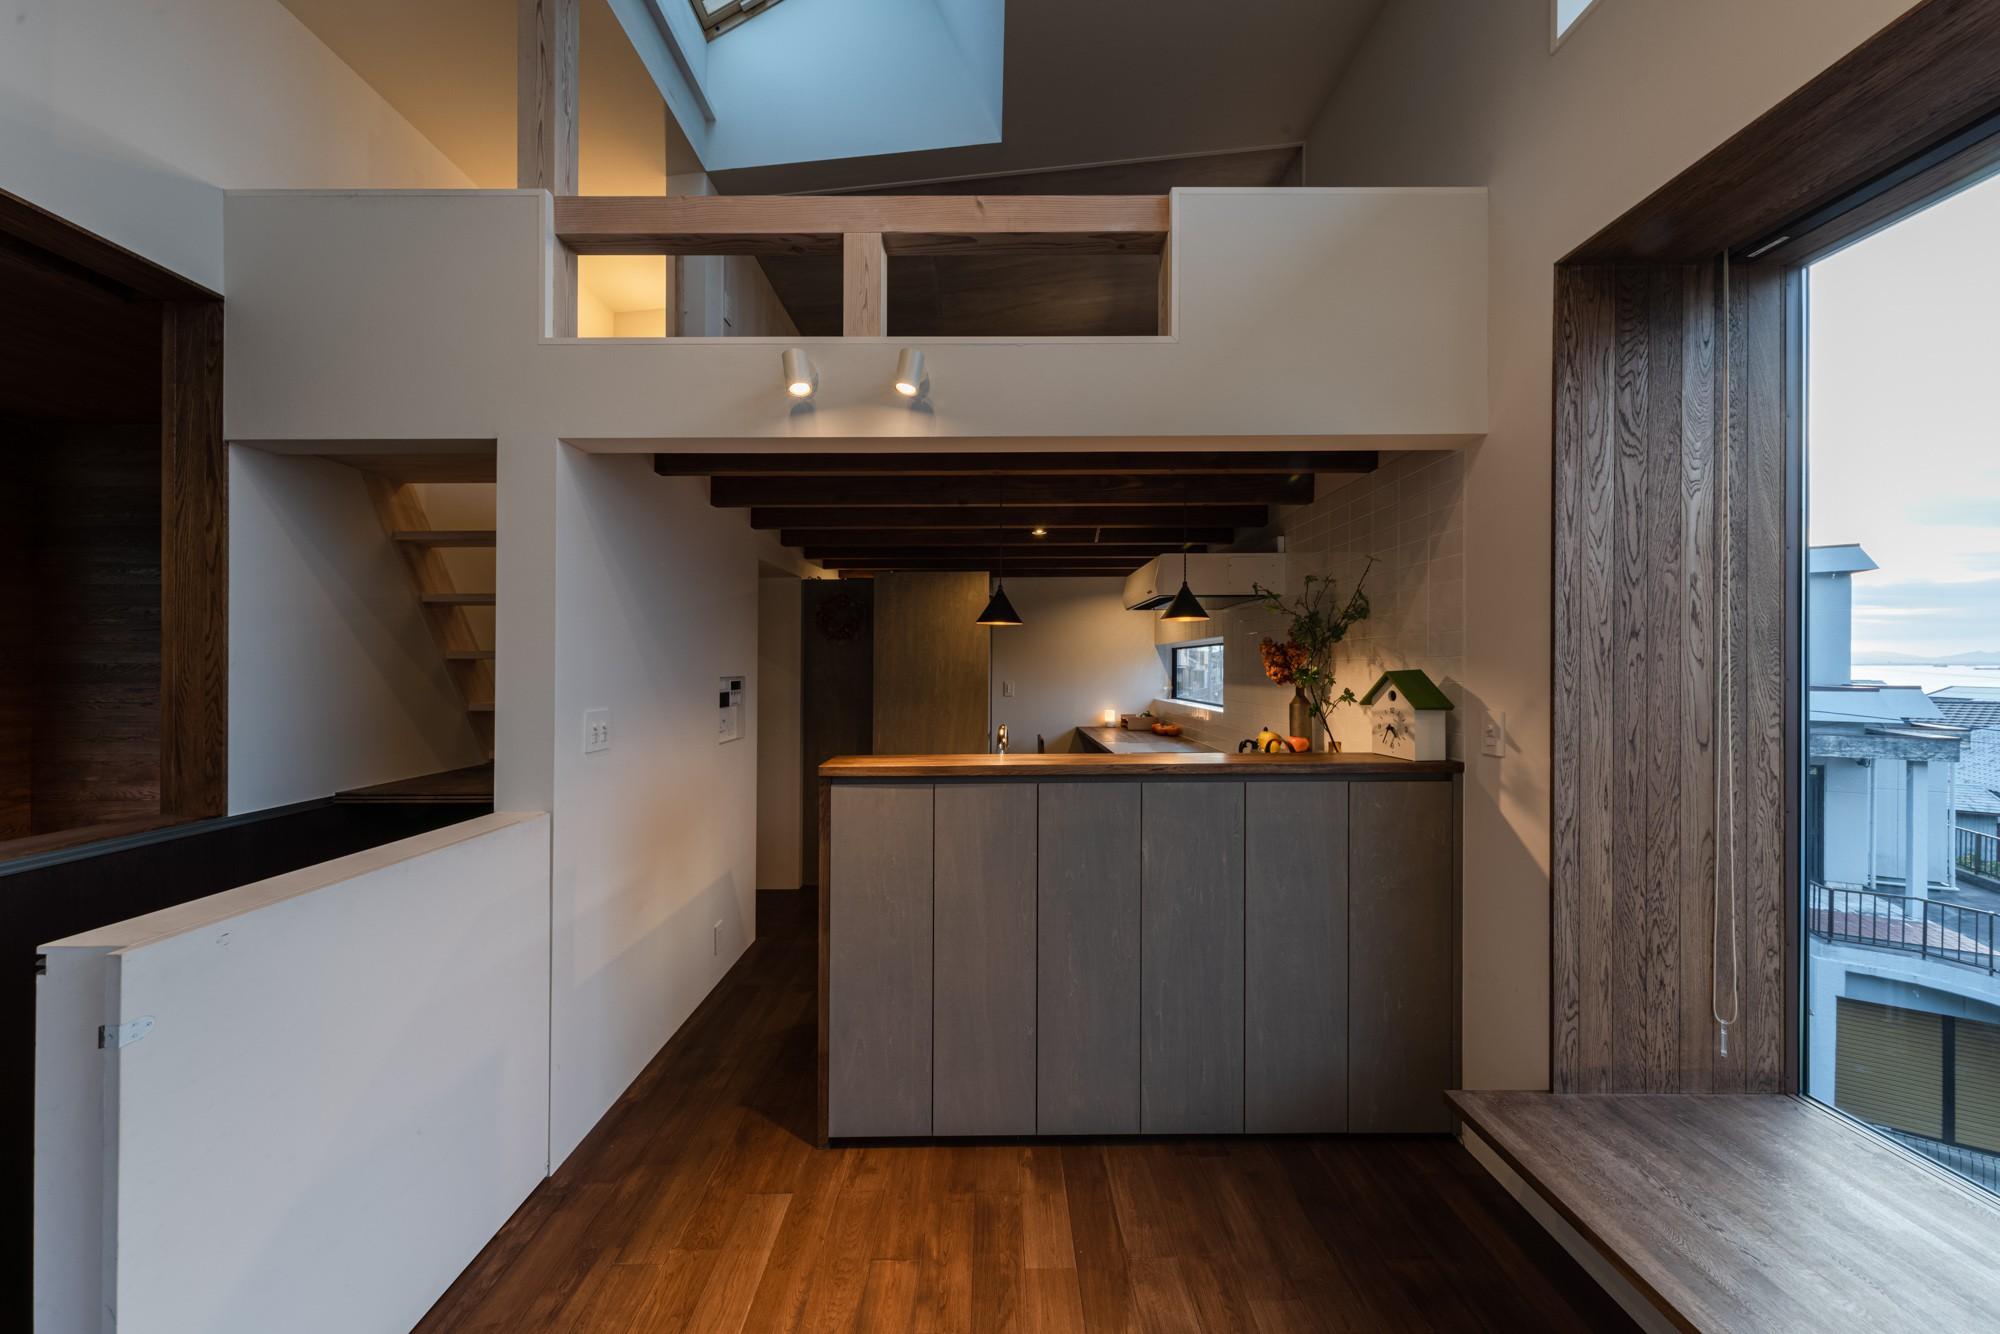 キッチン事例:キッチンとロフトと天窓(『青海の家』 風景と住む。~伊勢湾を臨む~)